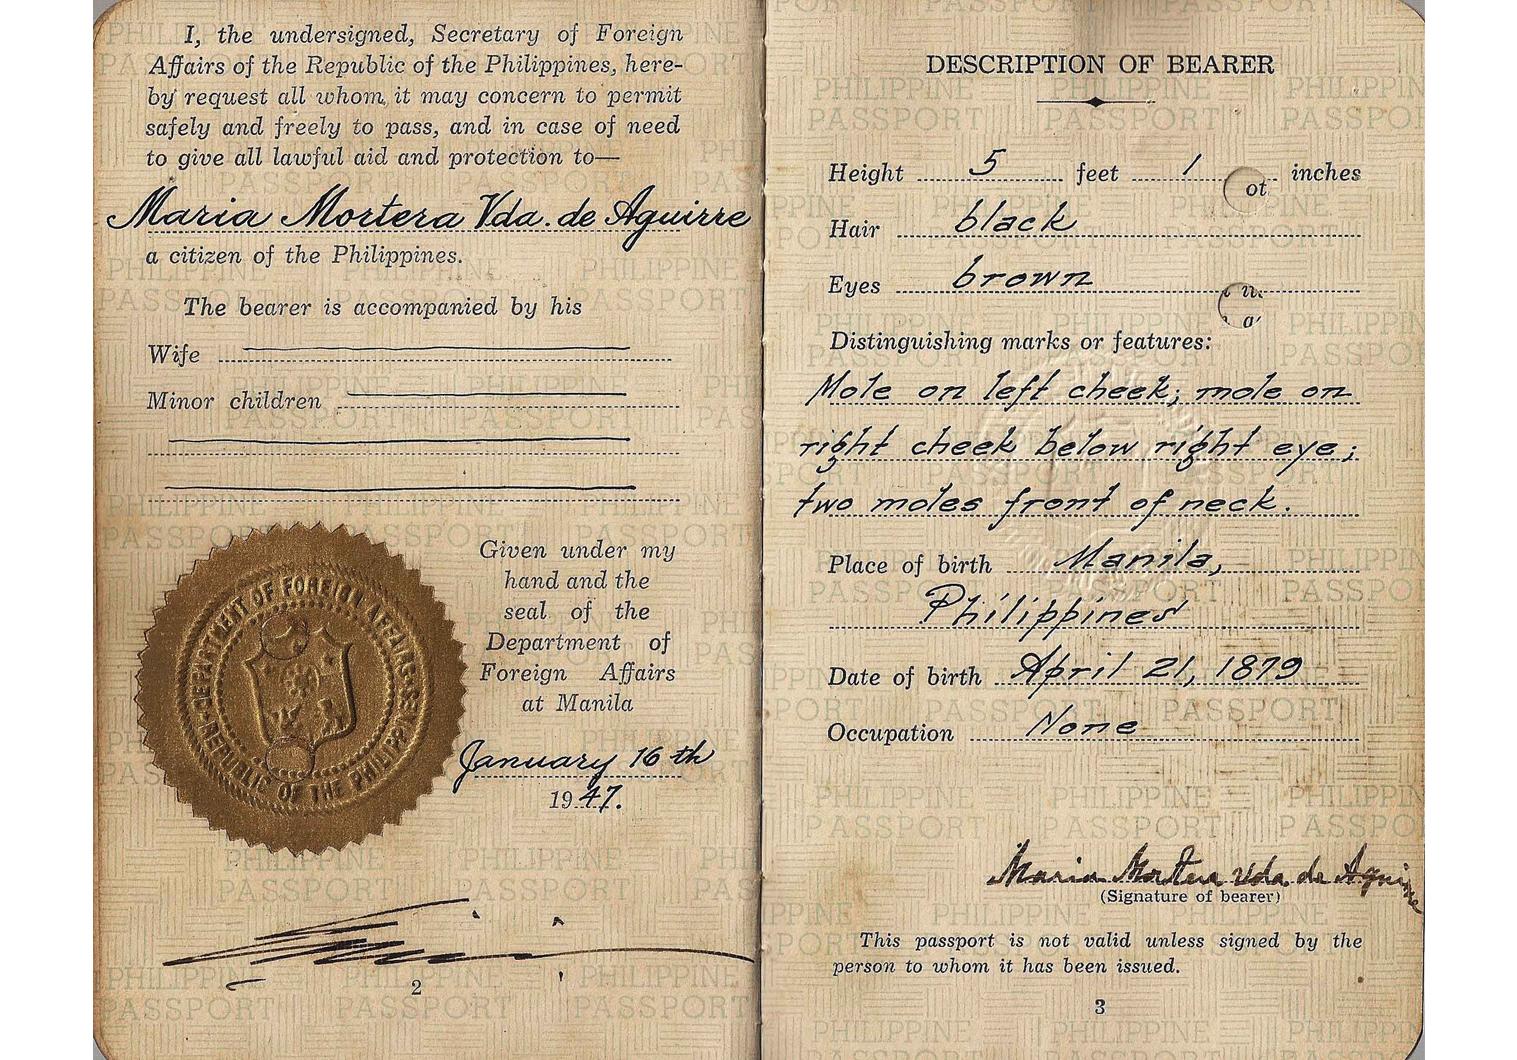 Post-war Philippines passport